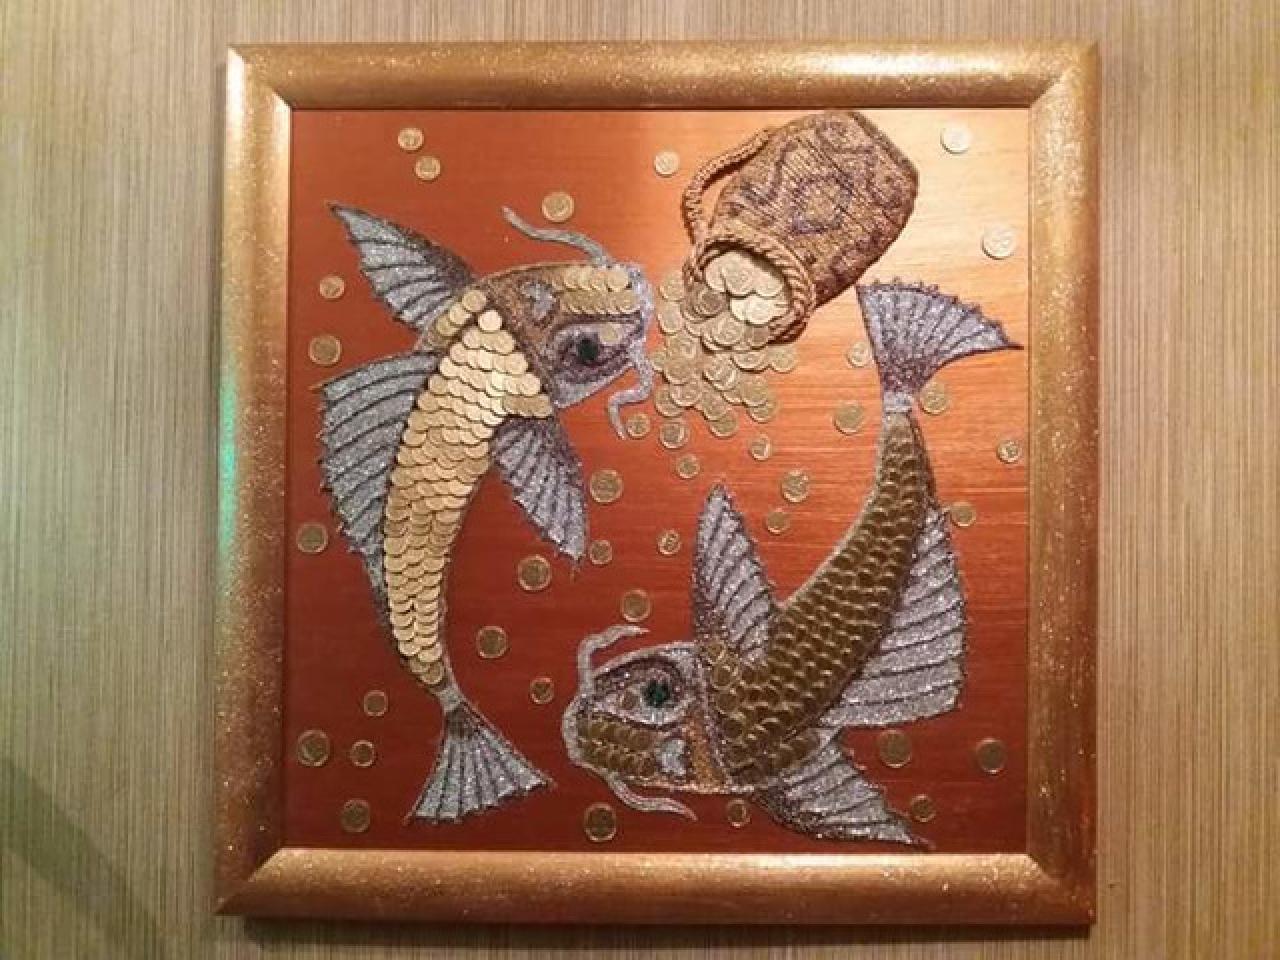 Продам эксклюзивные работы и картины ручной работы - 1